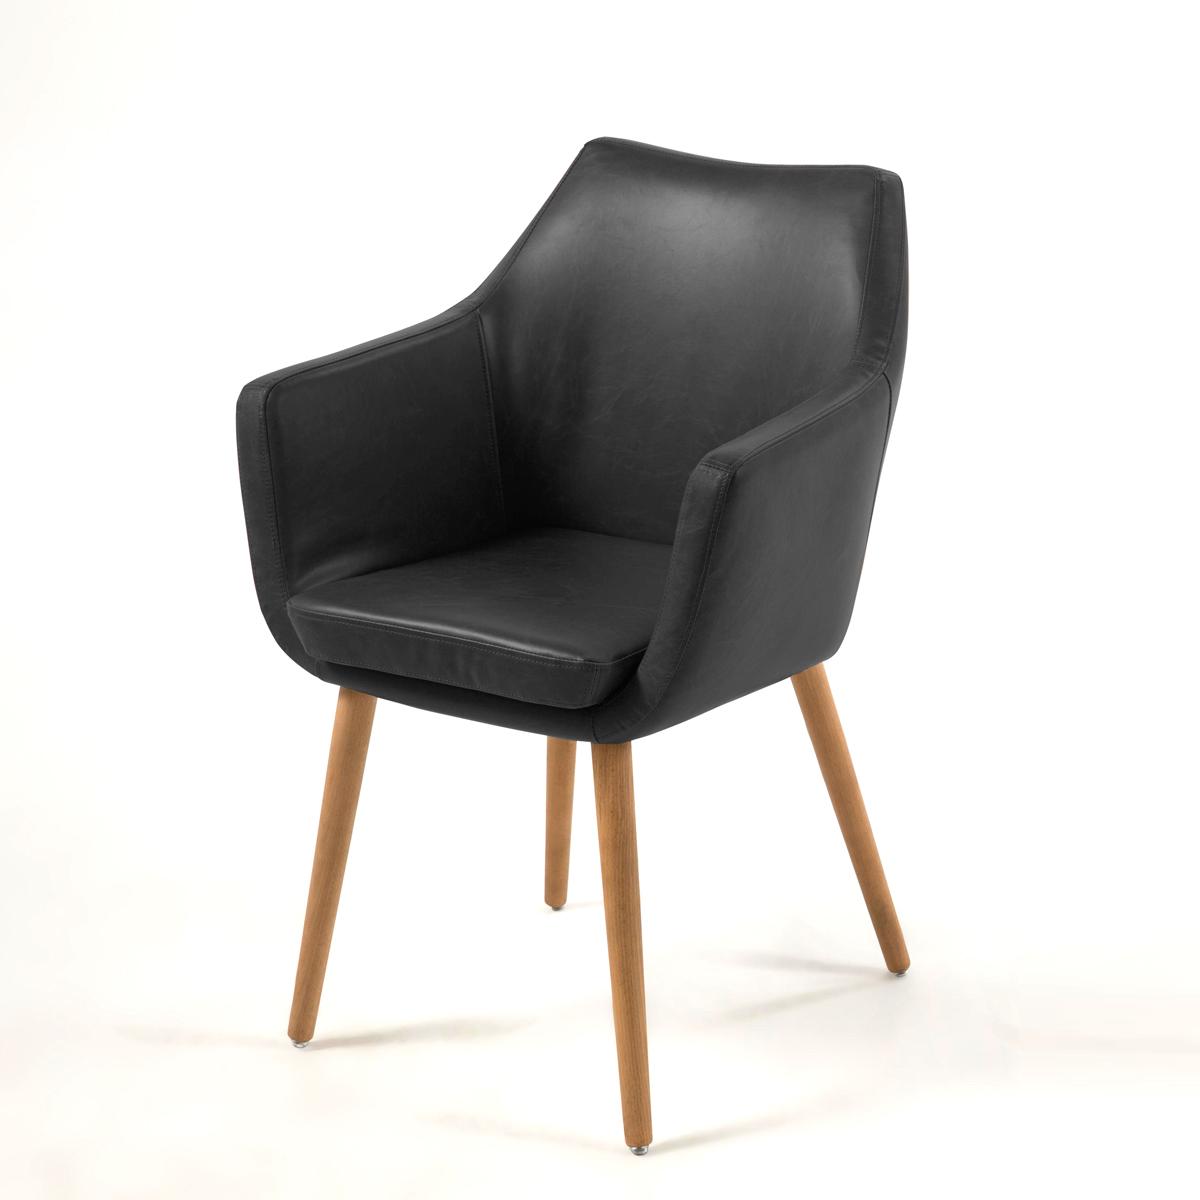 Stuhl Nora Esszimmer Armlehnenstuhl Sessel in Vintage schwarz Gestell Eiche   eBay